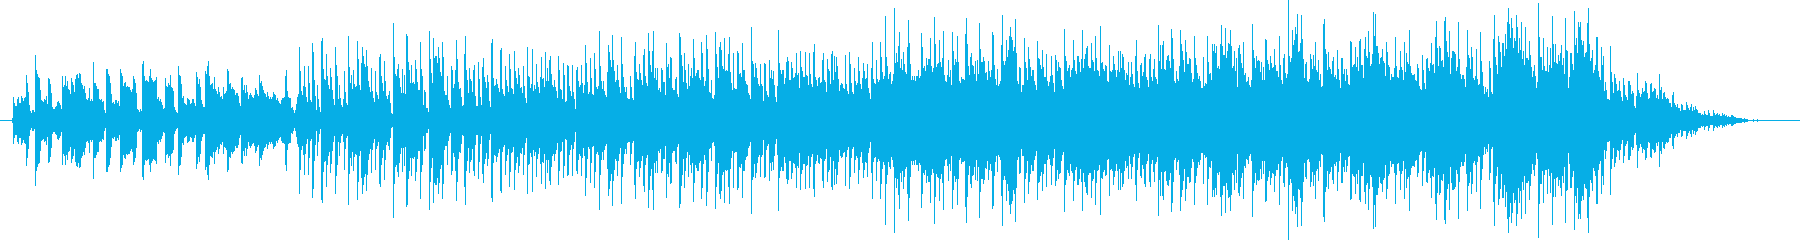 クールなピアノリフのジャズロックの再生済みの波形